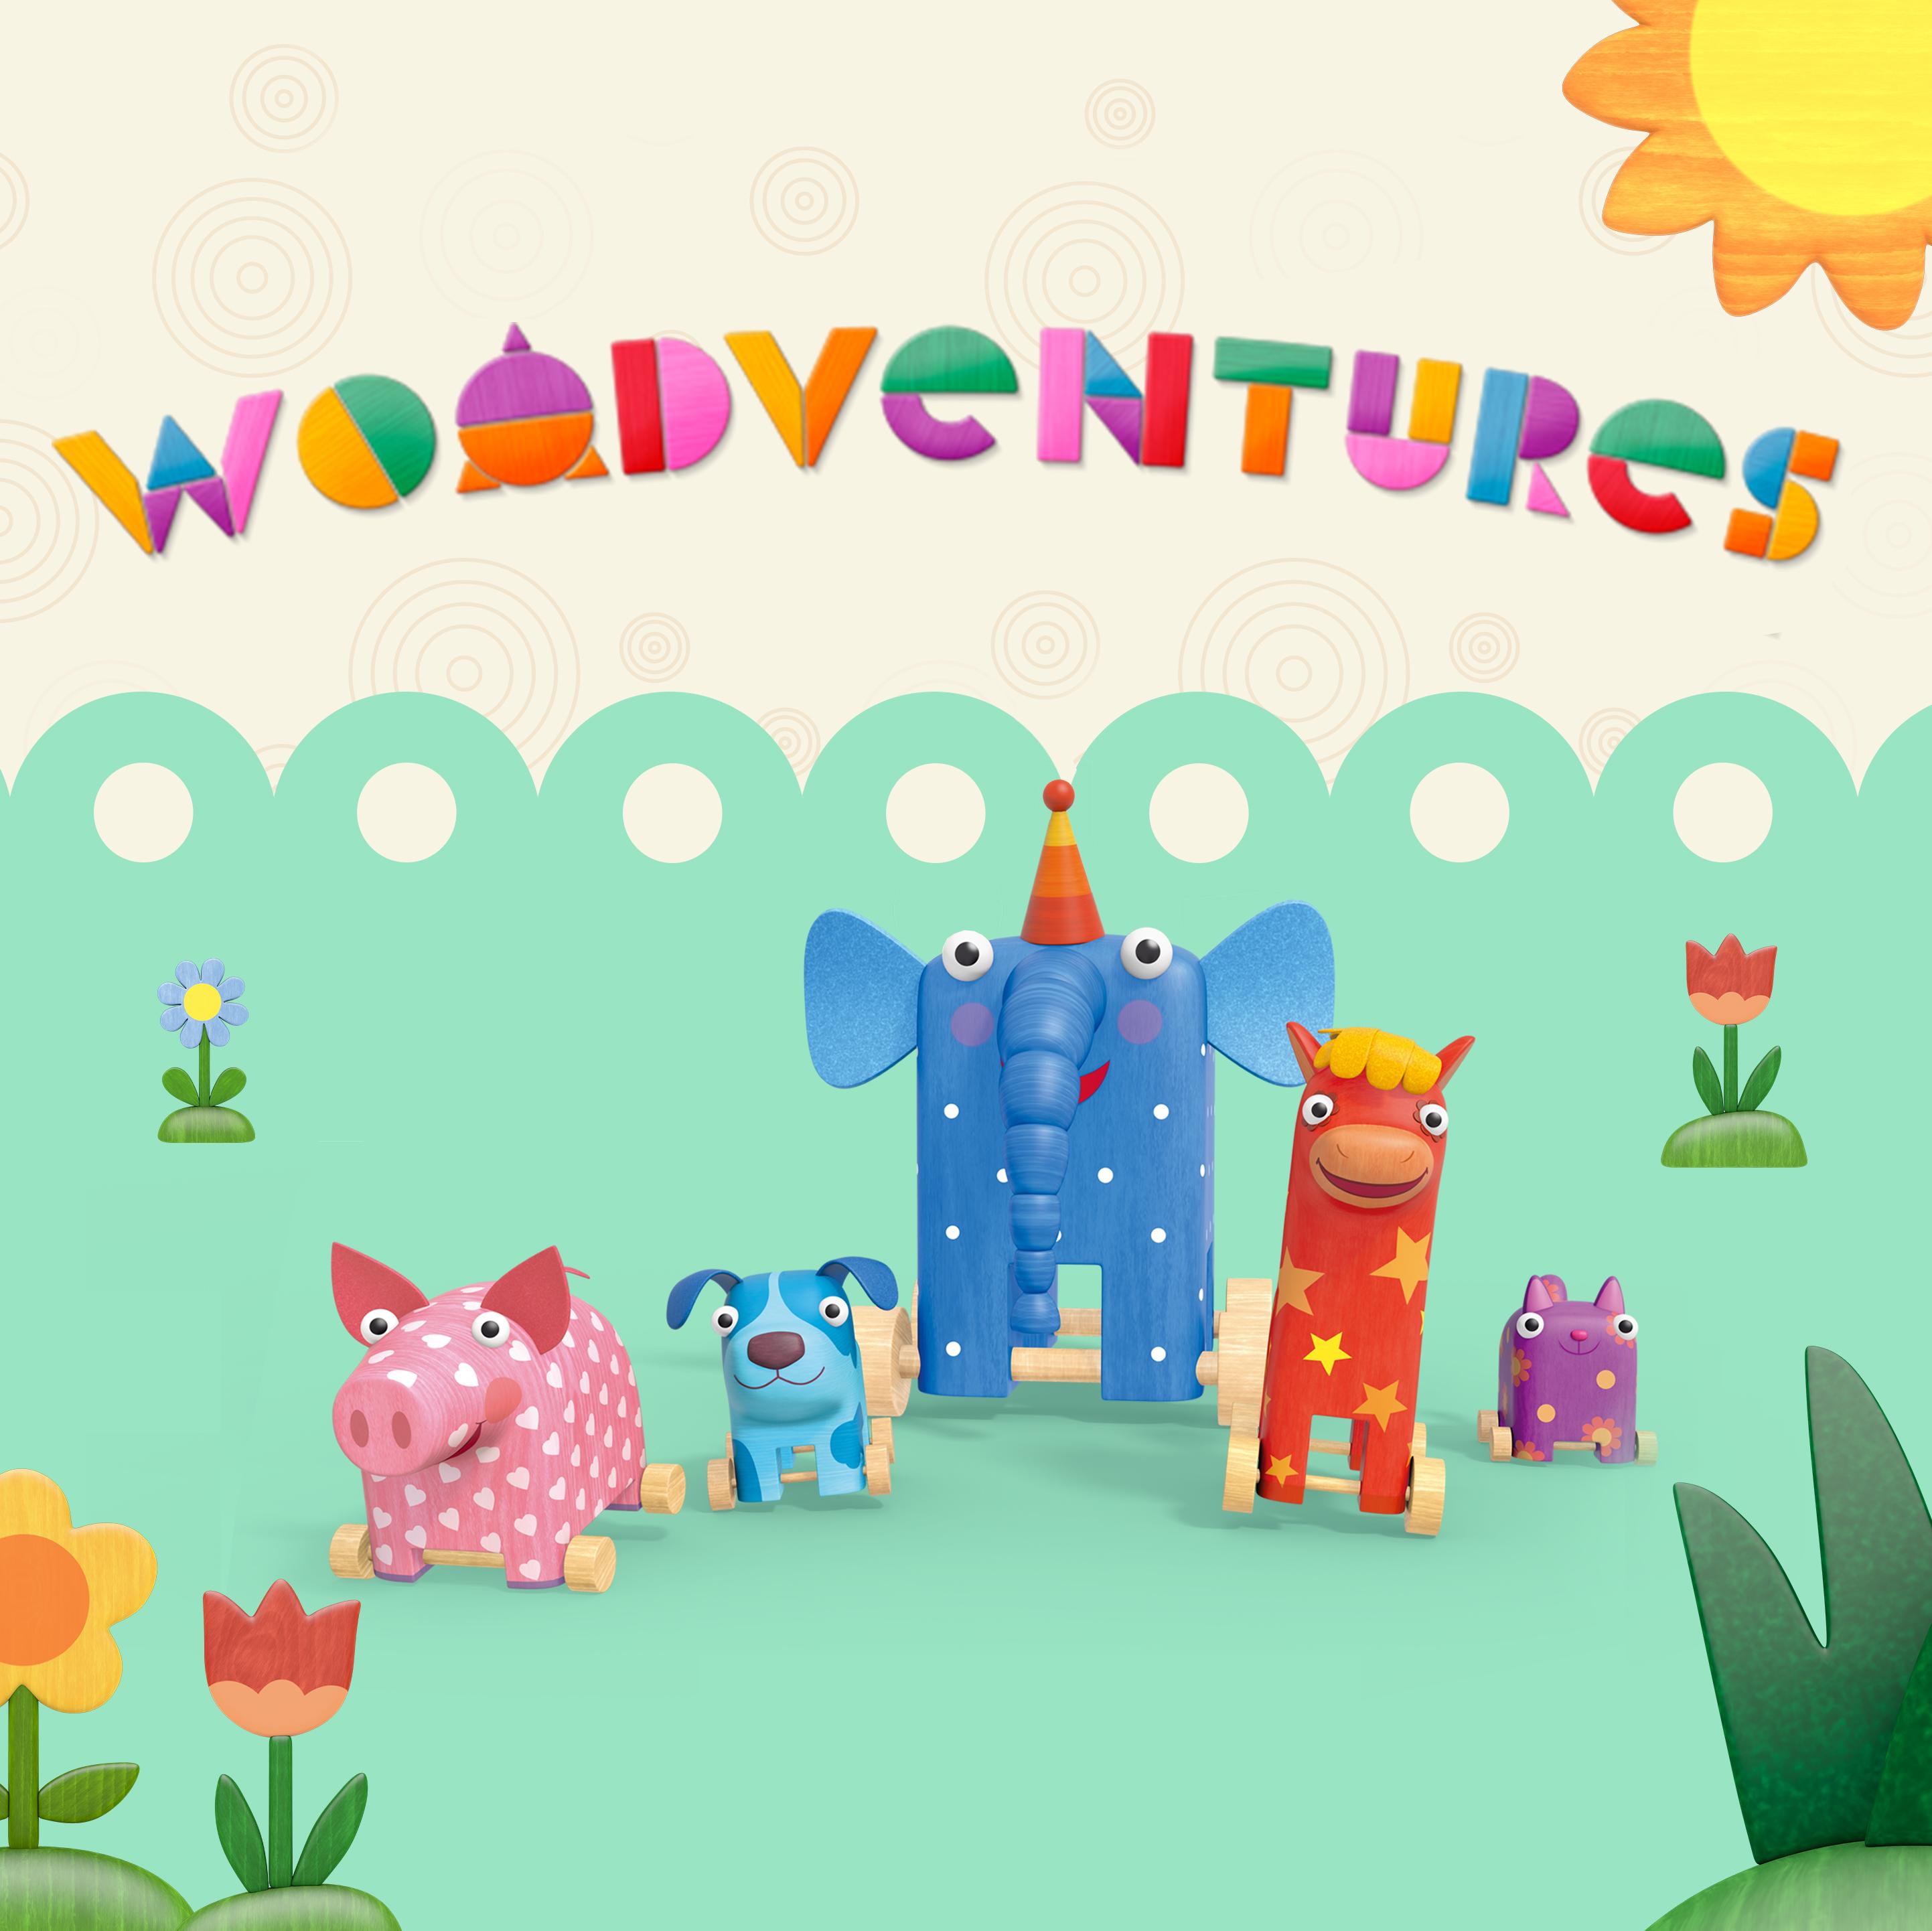 'Woodventures' cartoon poster